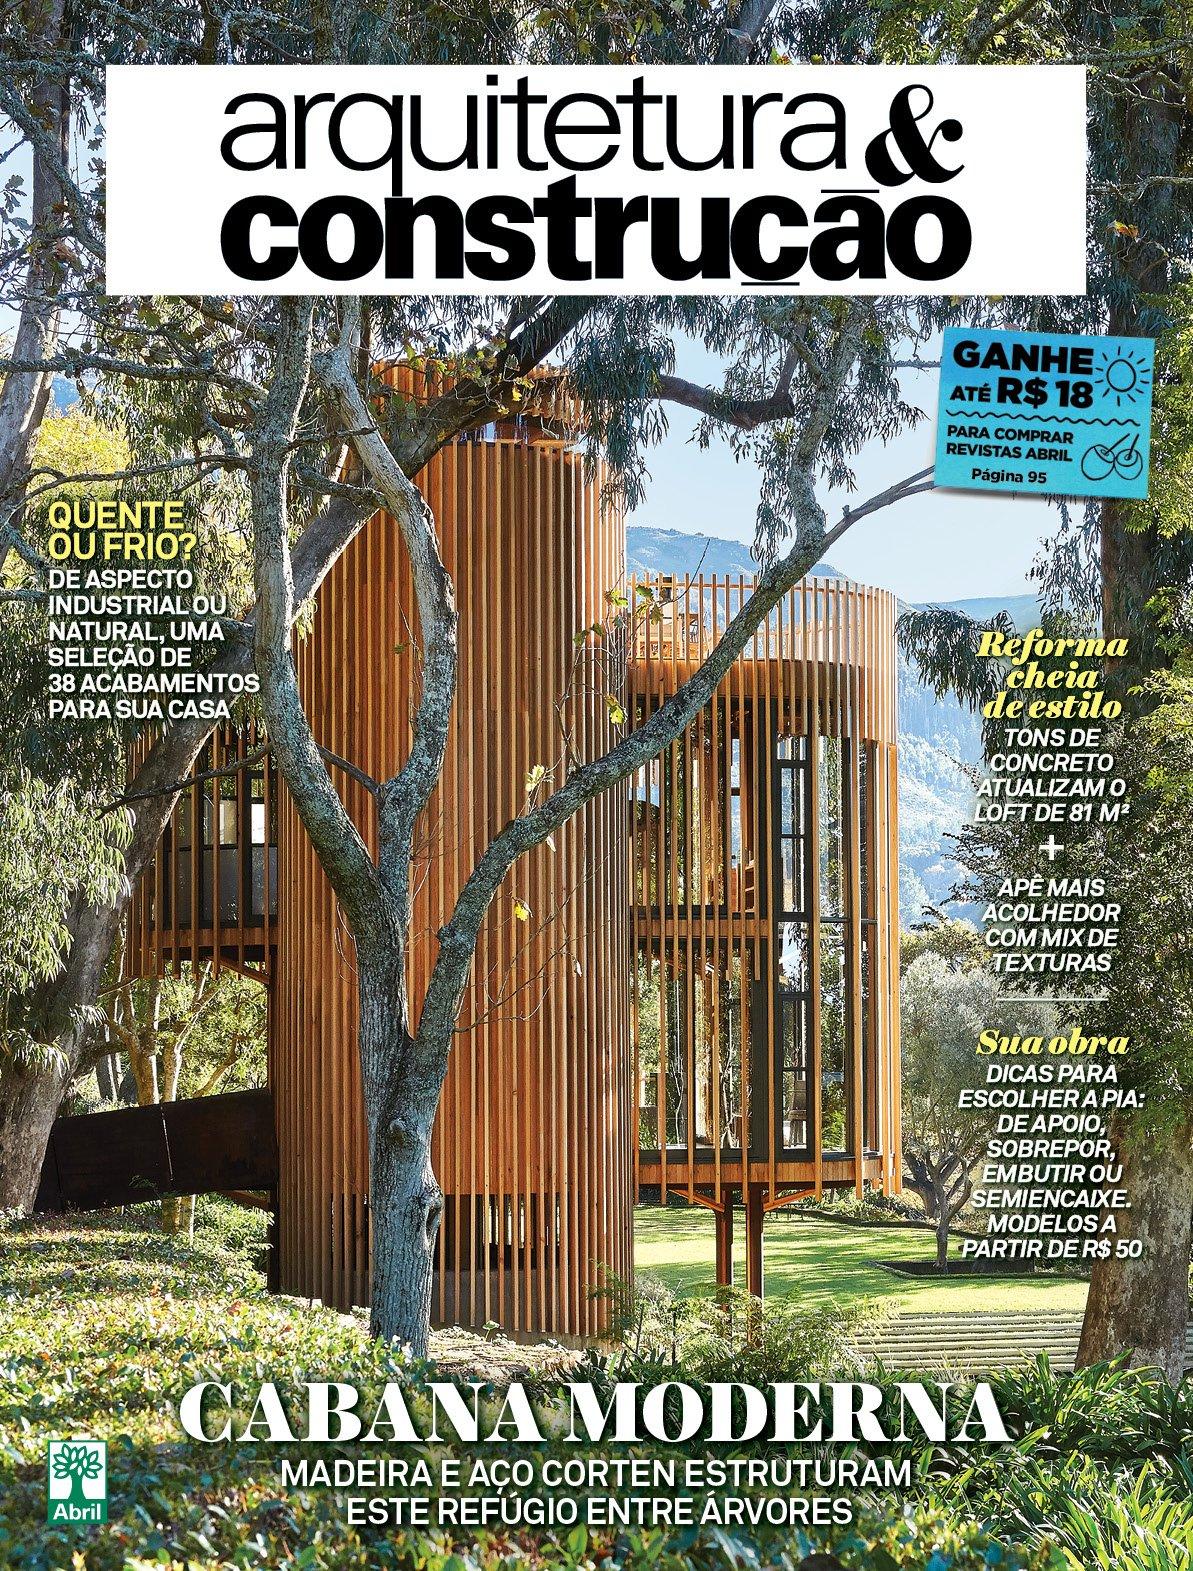 A edição deste mês da @revistaaec já está nas bancas! Confira projetos inspiradores com muito verde e ótimas soluções para sua obra! https://t.co/qePUHyZzE2